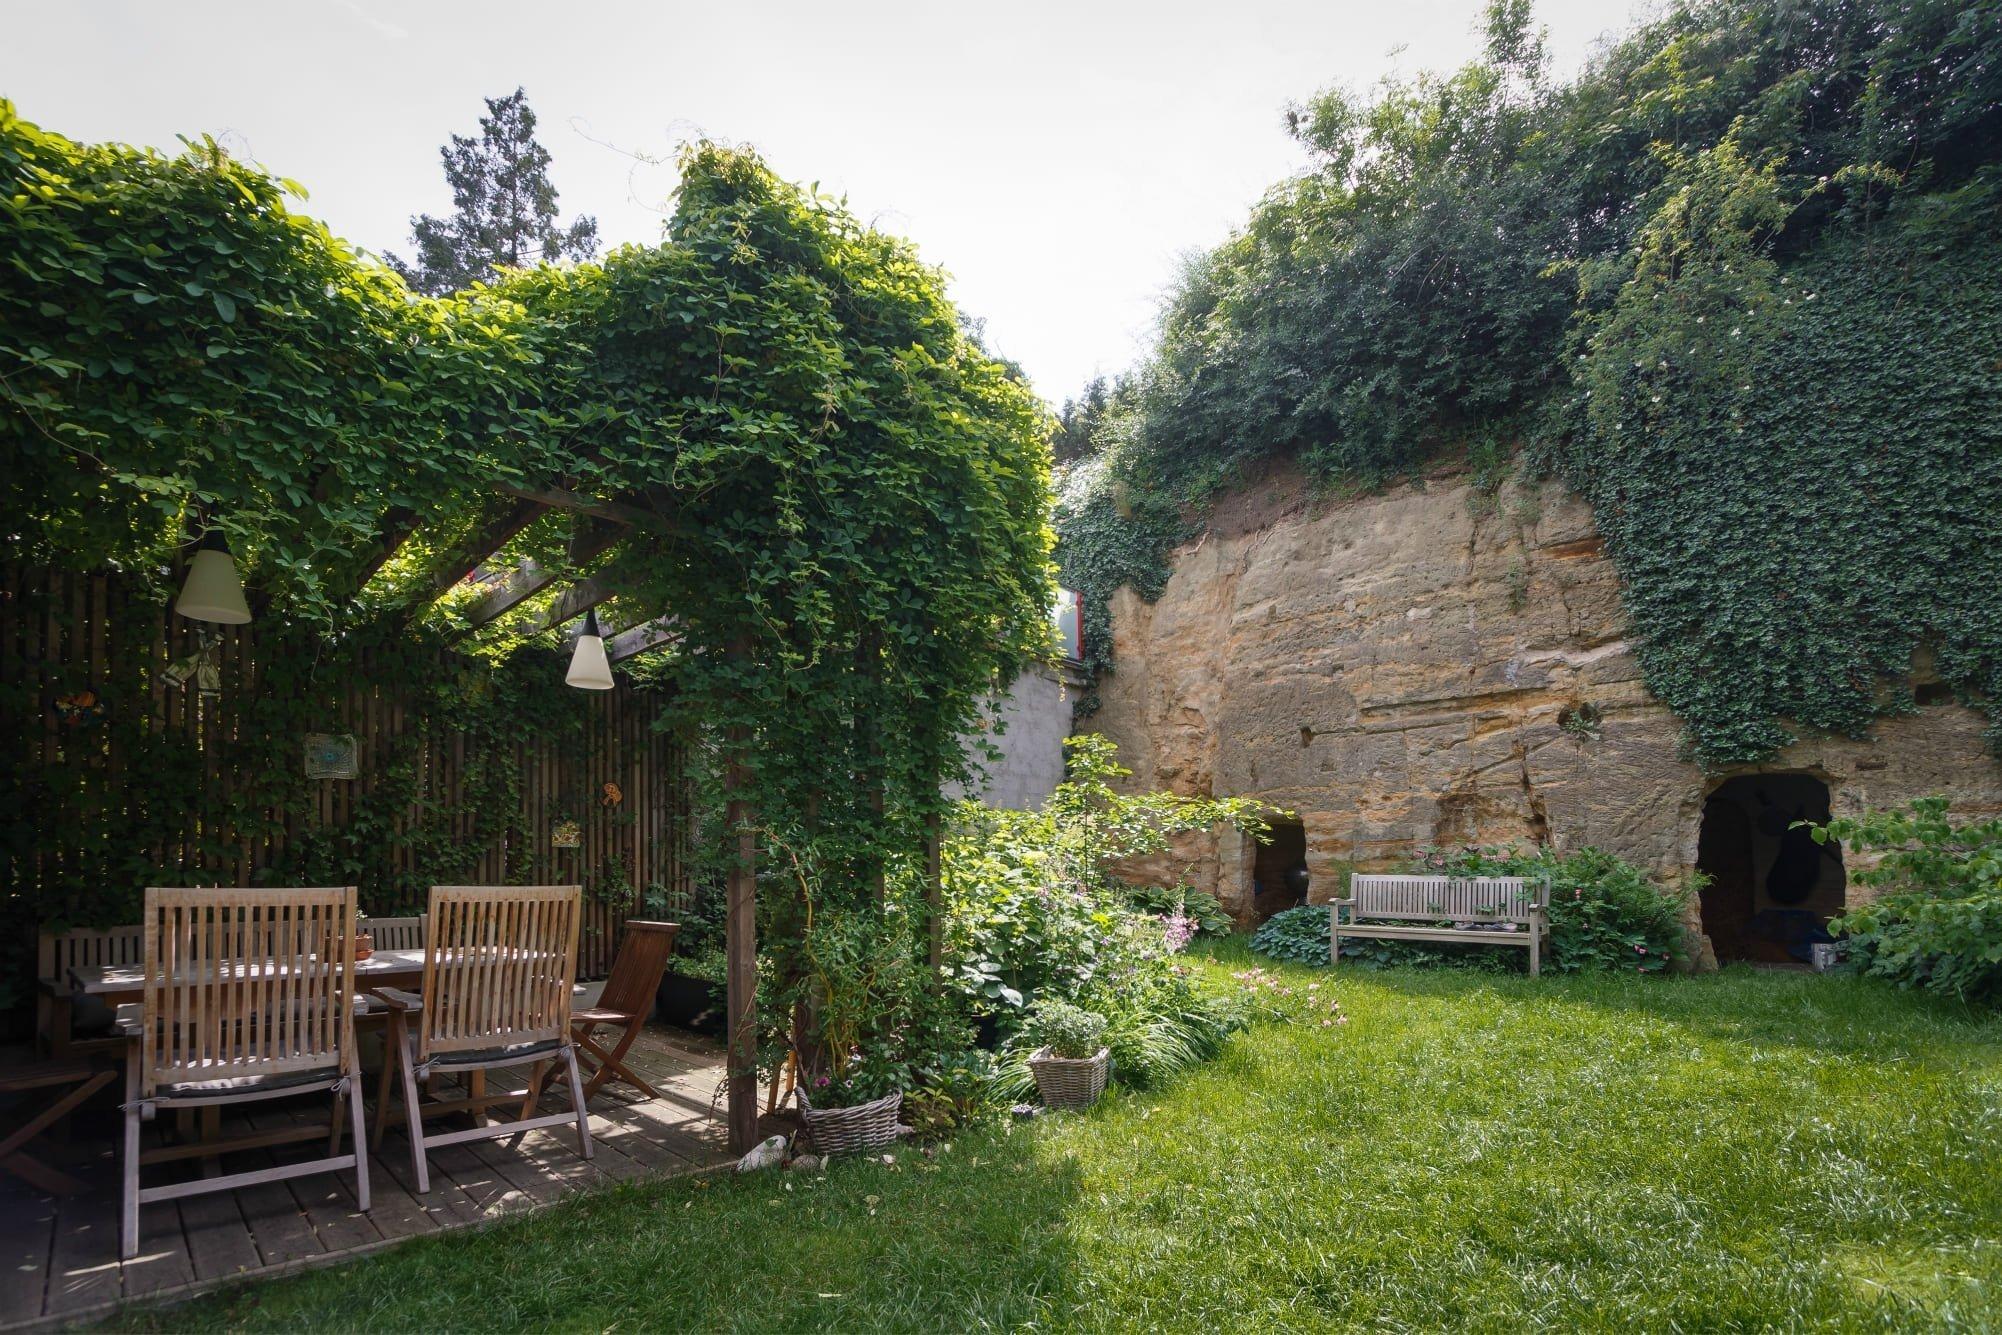 Oázou plnou zeleně zakončenou netradičním sklípkem oplývá přestavěný dům rozkládající se v jedné z pražských čtvrtí. Přestože na něj po stranách navazují další domy, nemusí se díky divoké přírodě kolem sebe cítit stěsnaně. Svobodomyslně si vymezuje svůj prostoj a dává najevo, že i dům v pražské čtvrti může být obklopen bujnou přírodou.